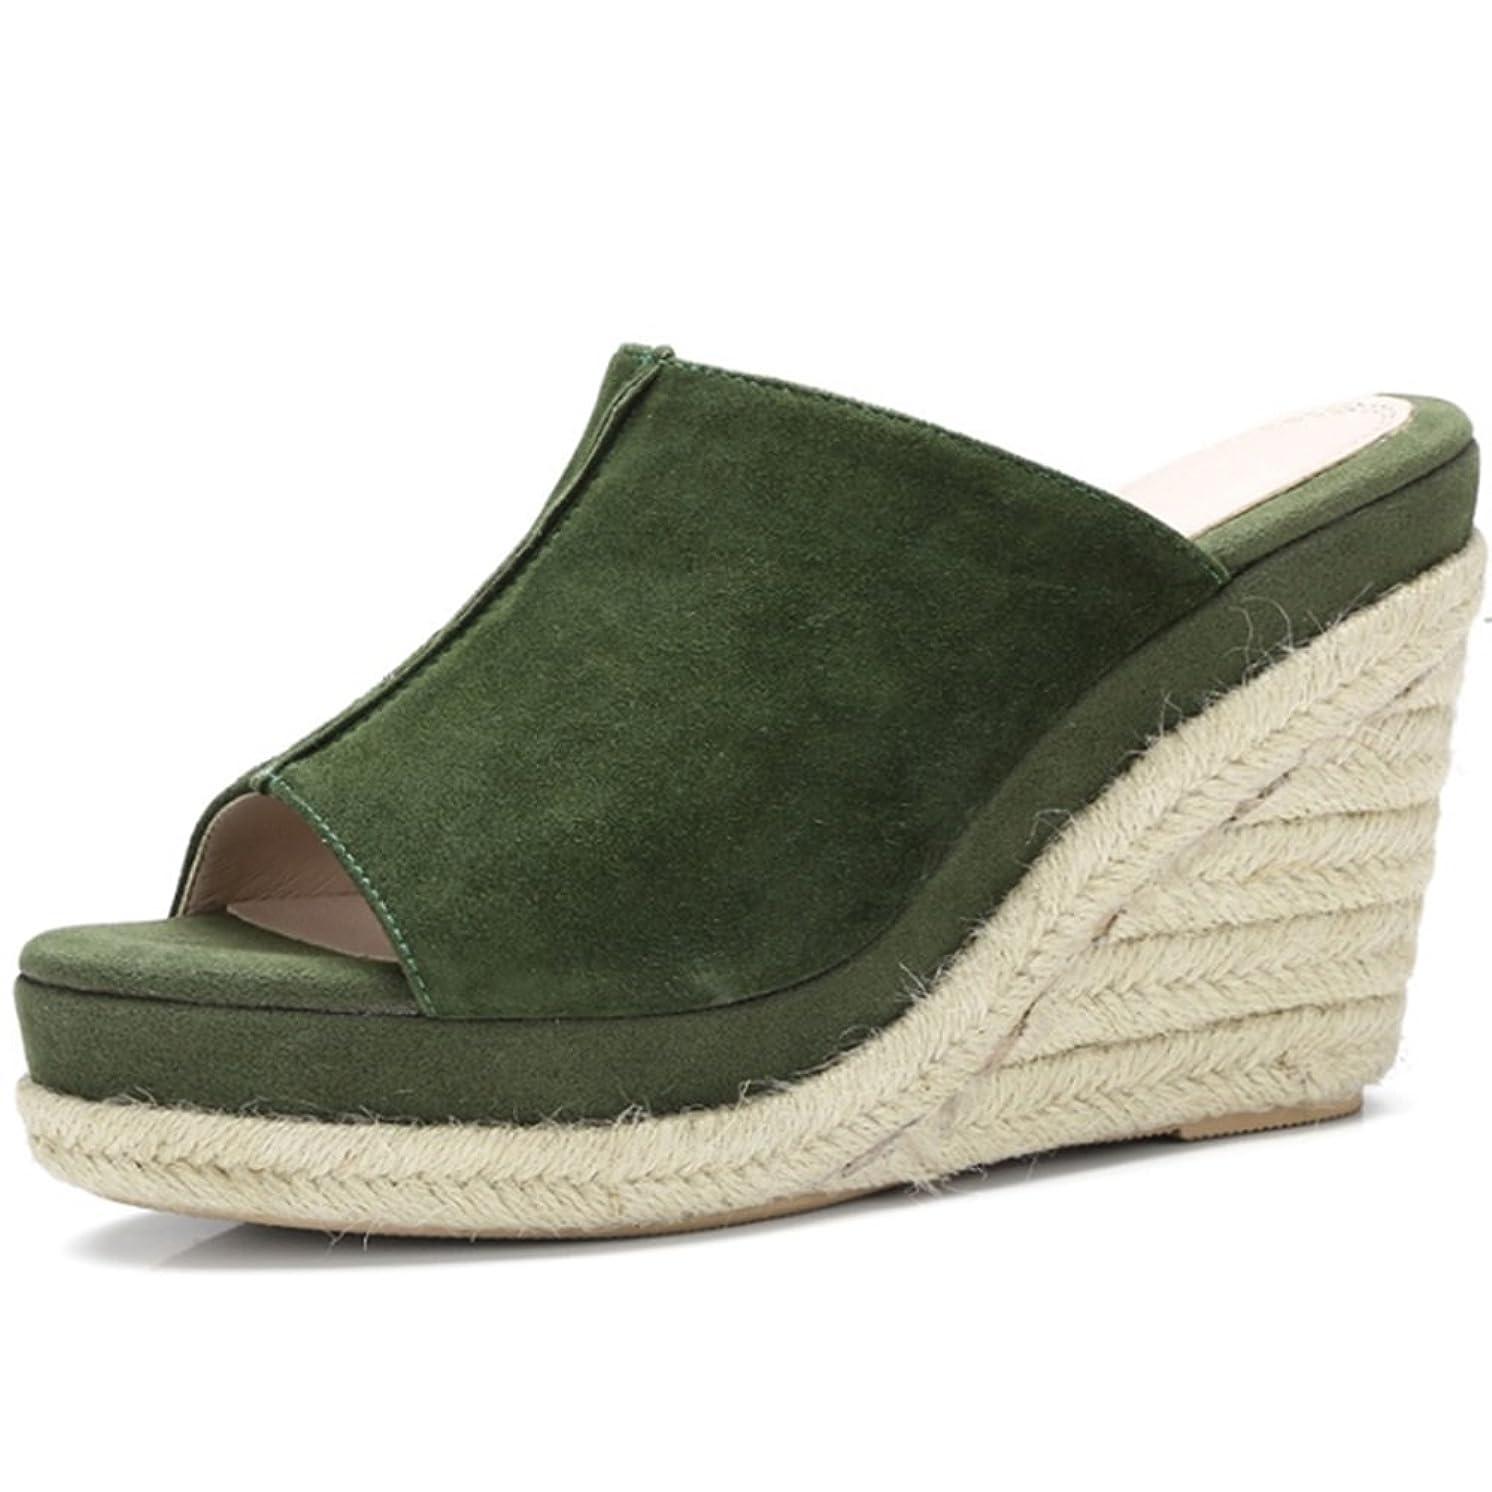 動物園半導体保護快適 アウトドアスリッパ付きサマースロープファッションオープントッズシューズハイヒール野生の靴(2色オプション)(オプションのサイズ) 増加した (色 : B, サイズ さいず : 37)